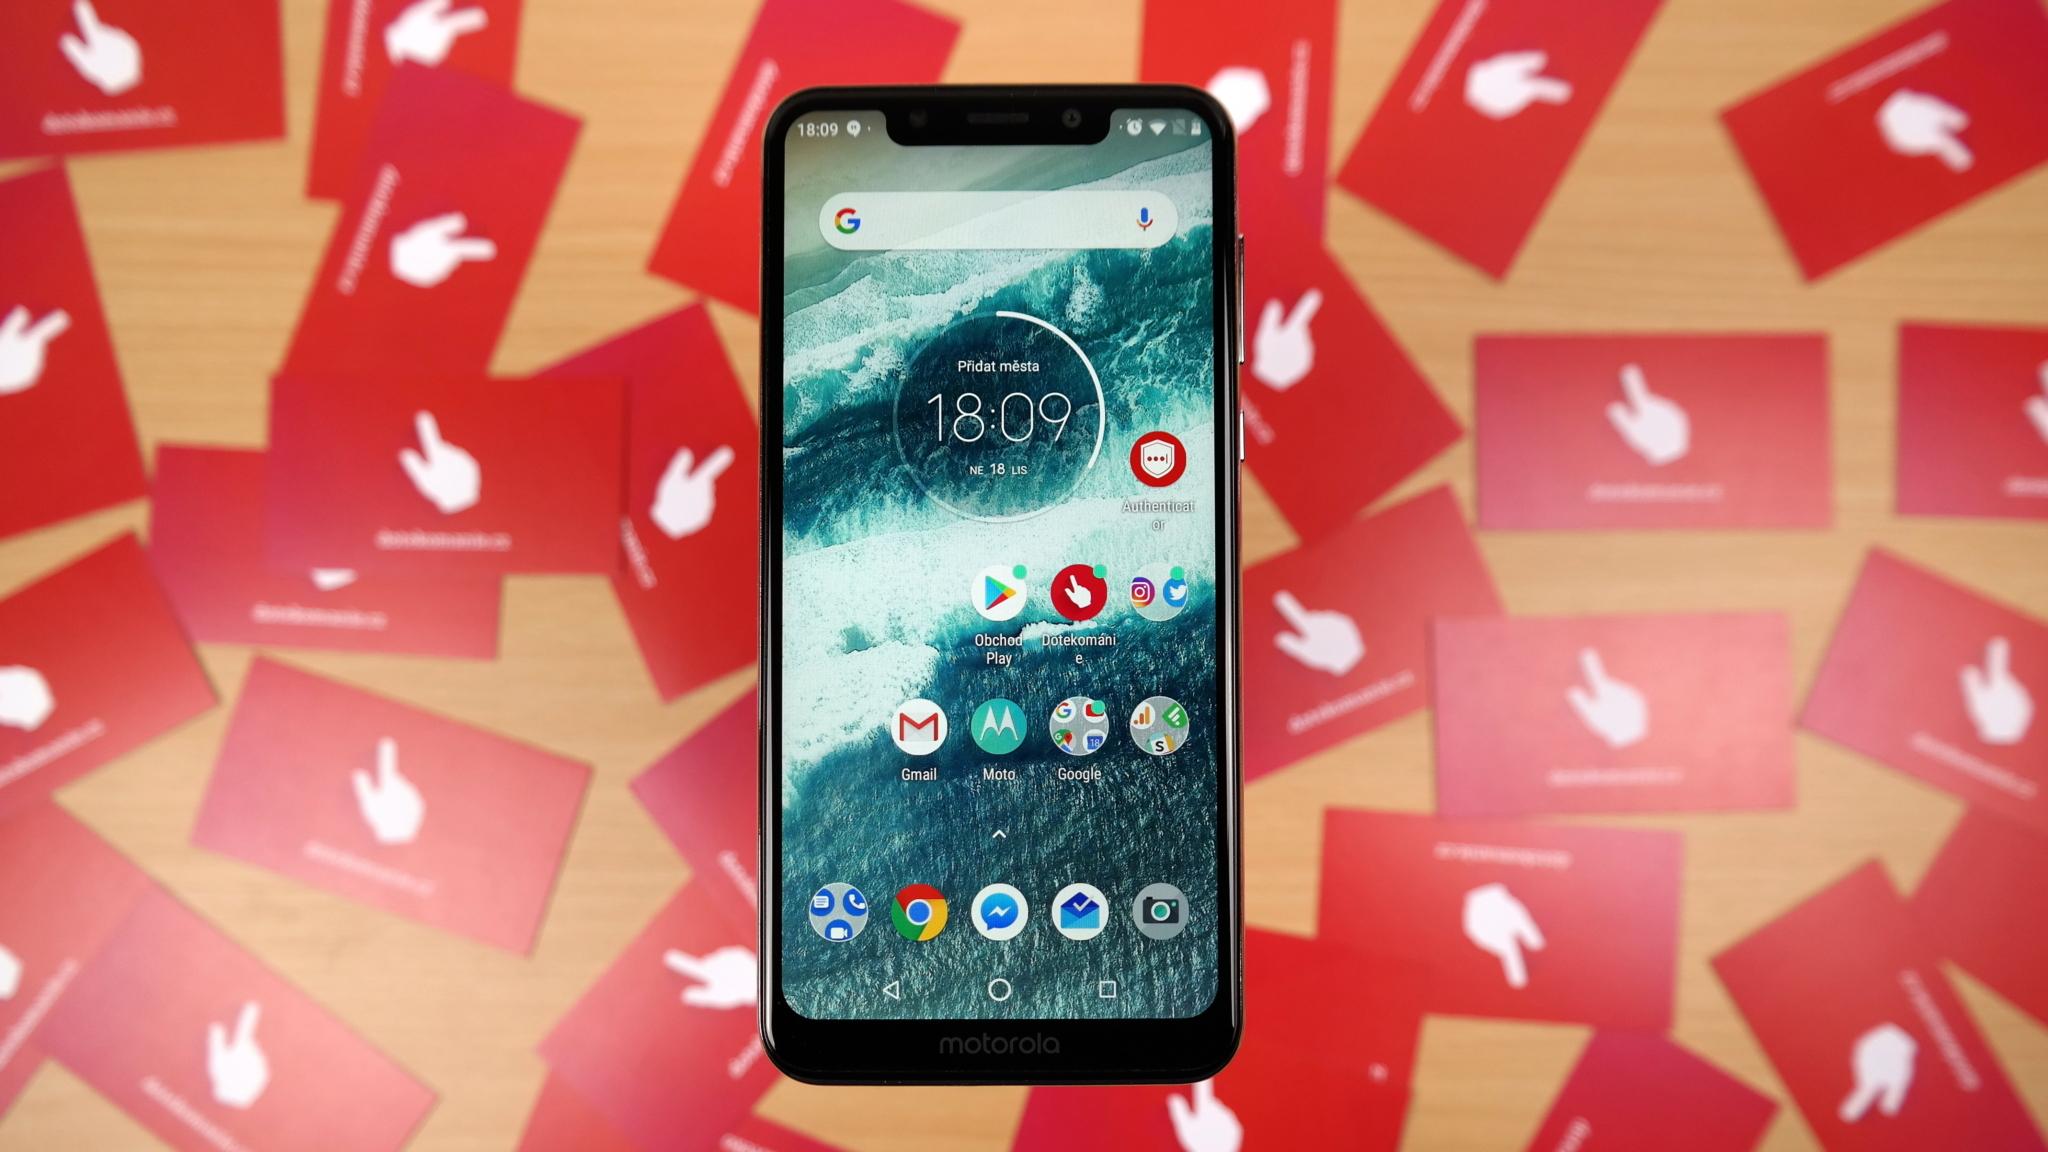 Motorola One – čistý Android s výřezem [recenze]